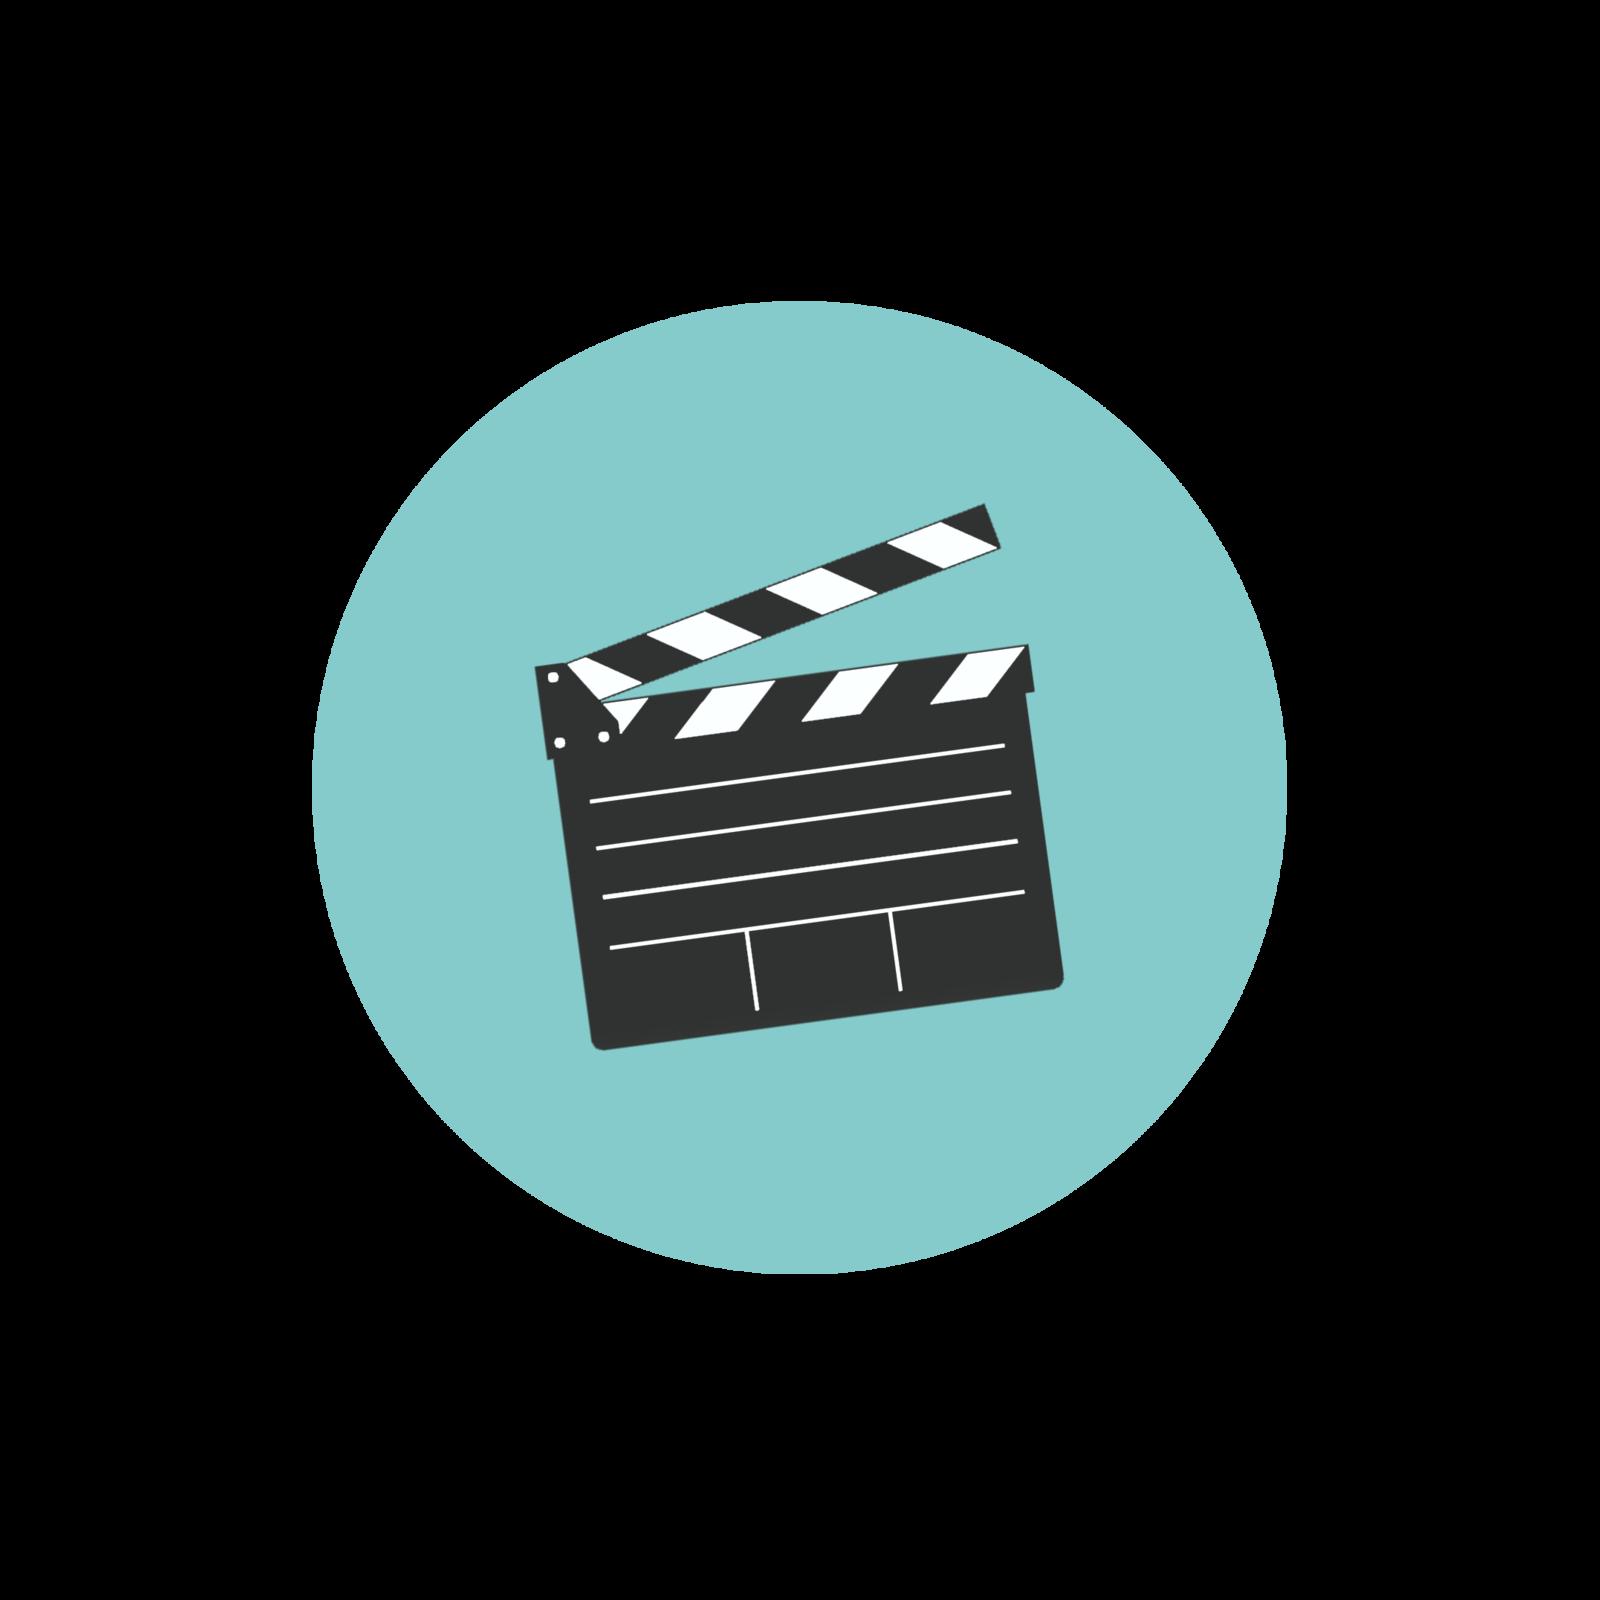 Claude Lelouch dévoile le casting de « L'amour c'est mieux que la vie », son dernier film.